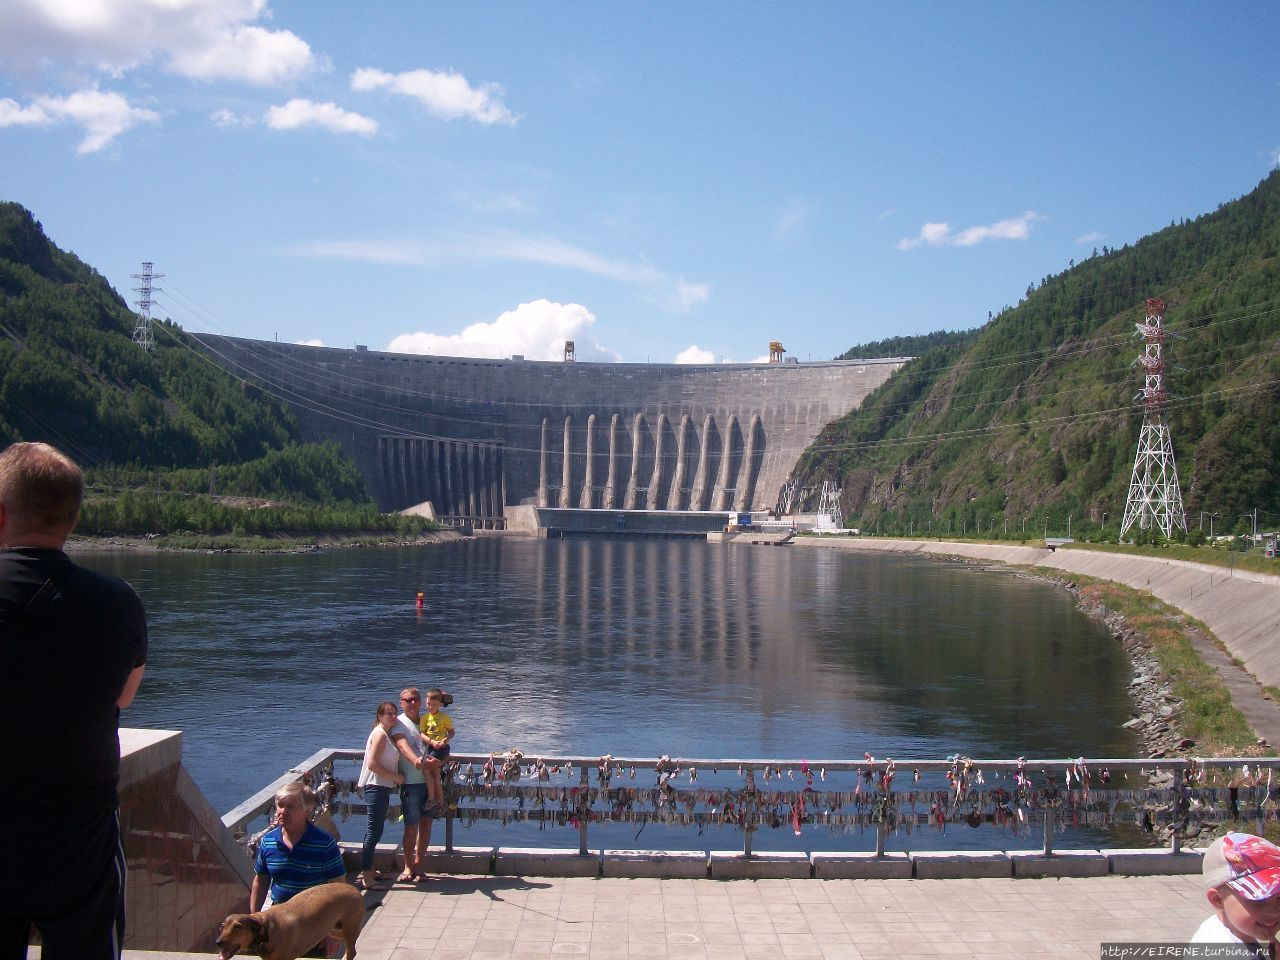 Саяно-Шушенкая ГЭС  или Что сильнее стихия или человек?